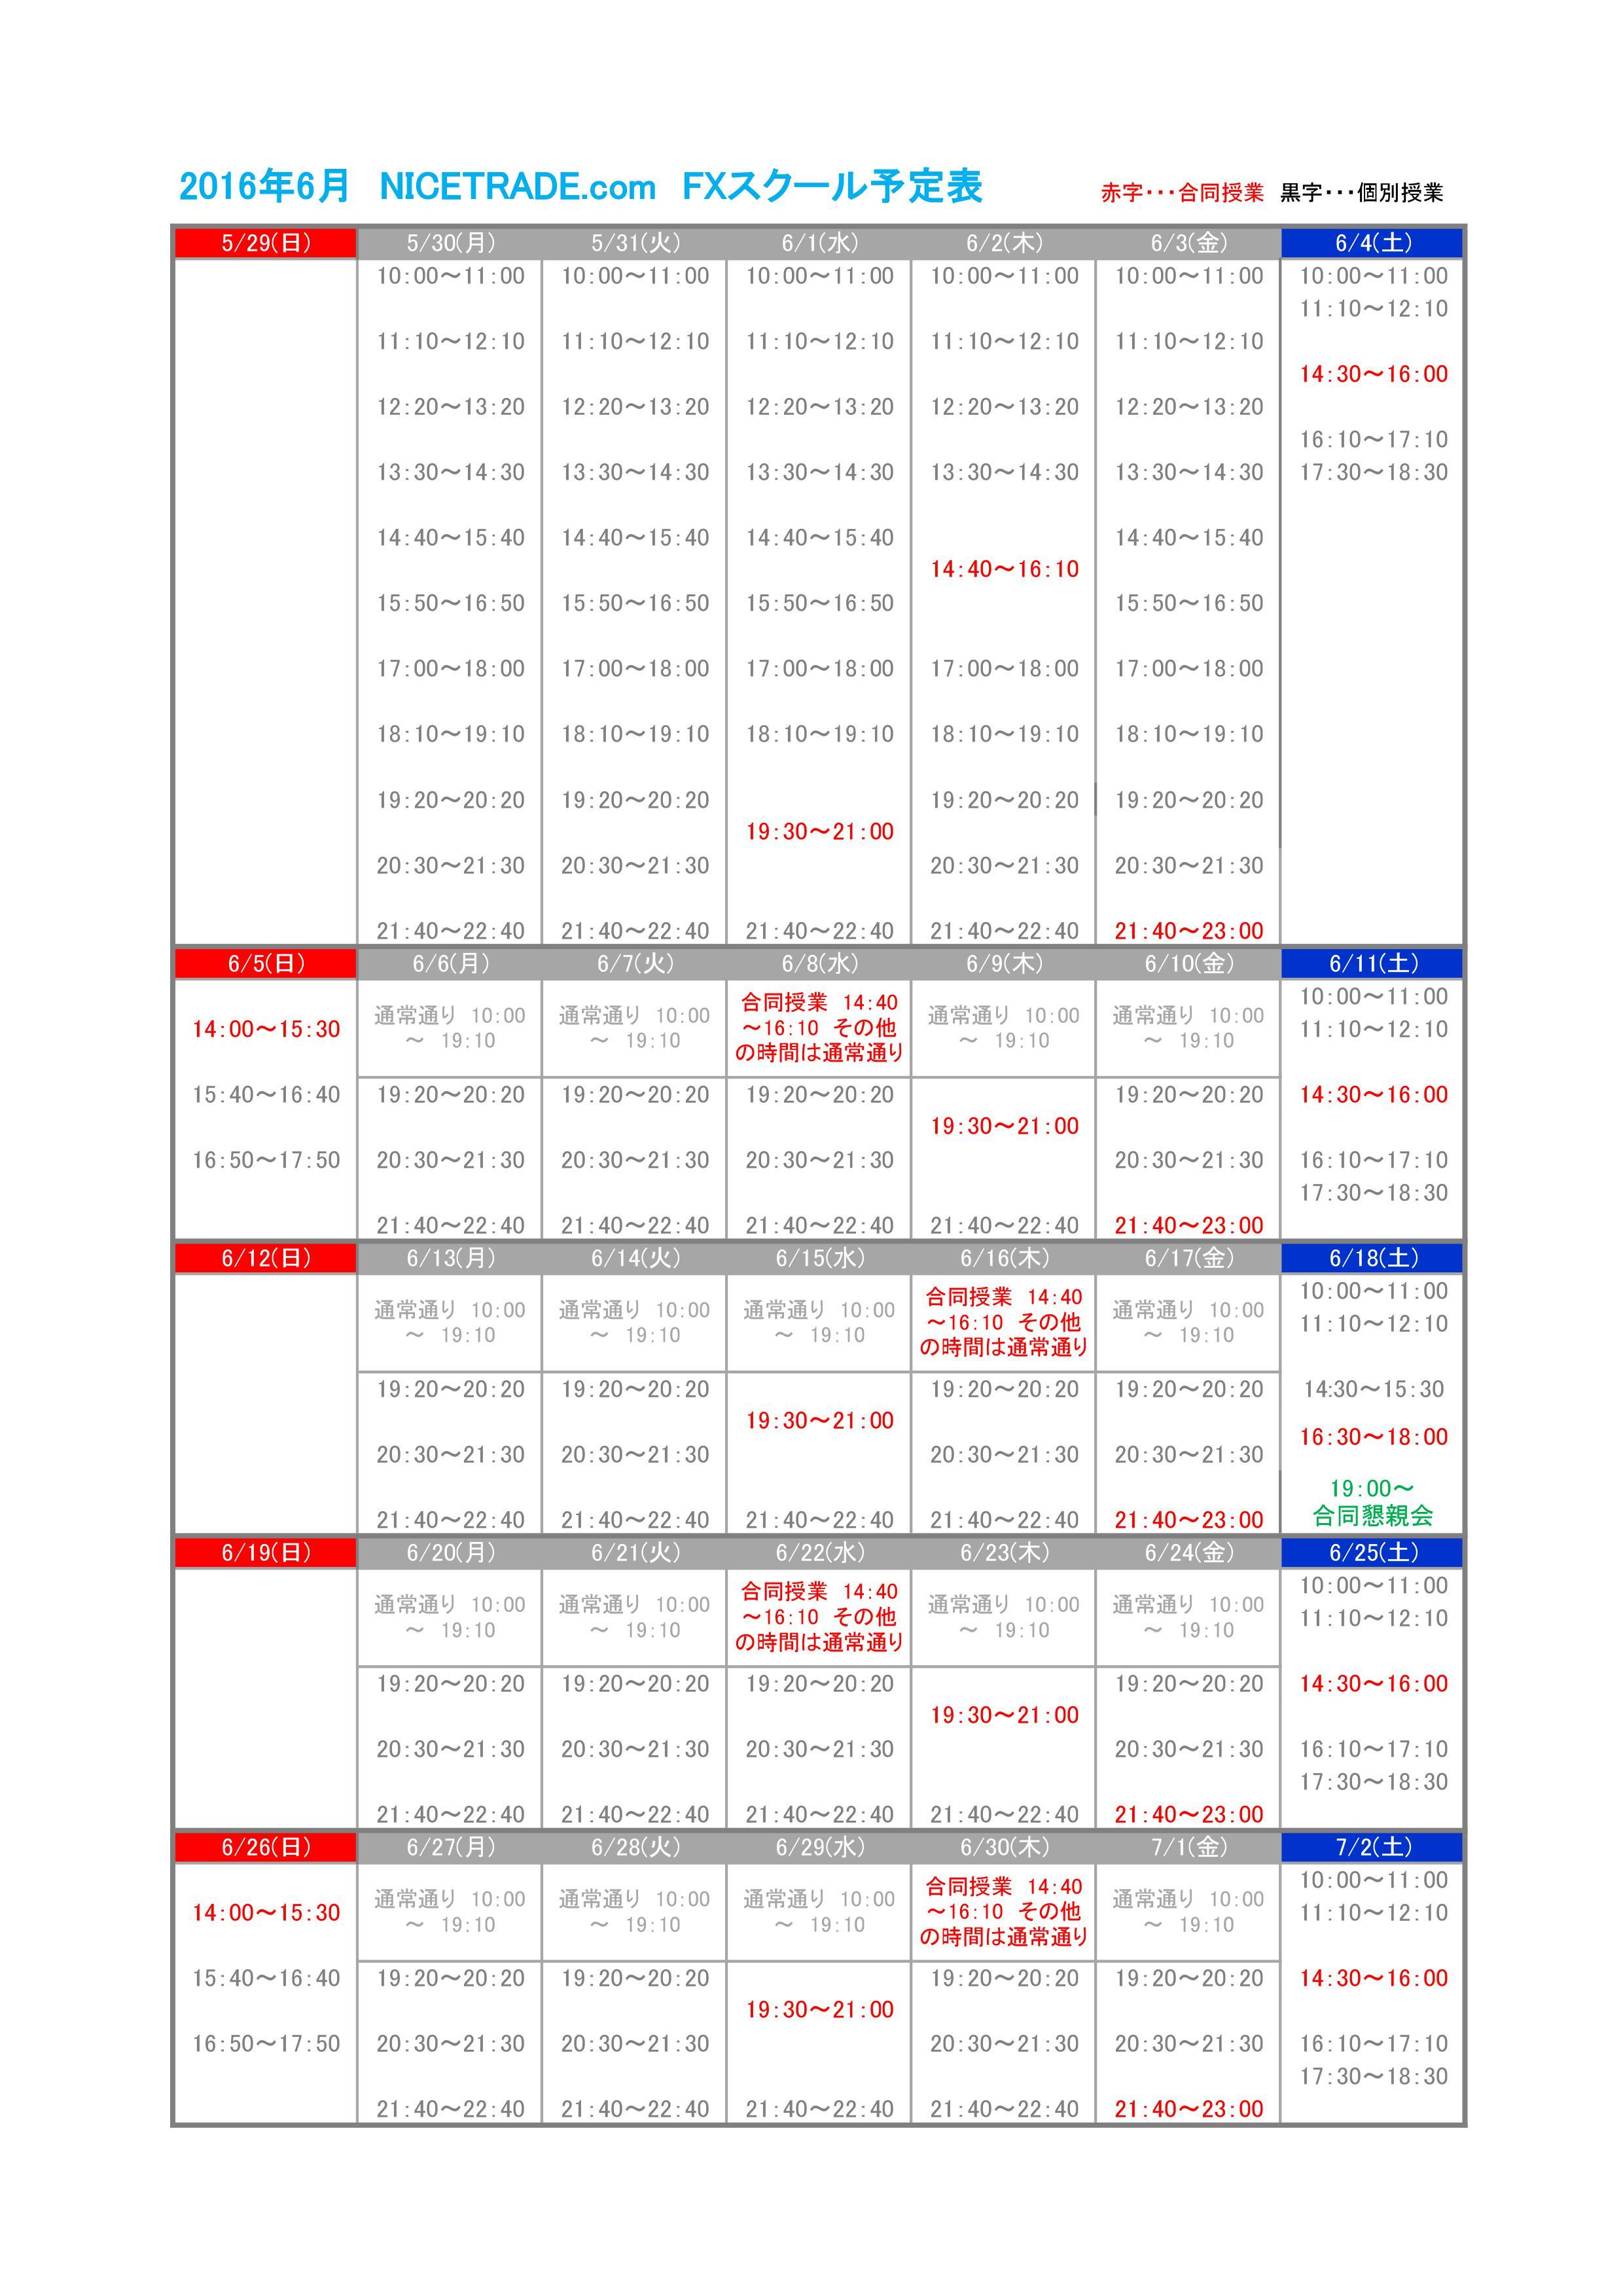 スクールの授業予定表(2016年6月度)